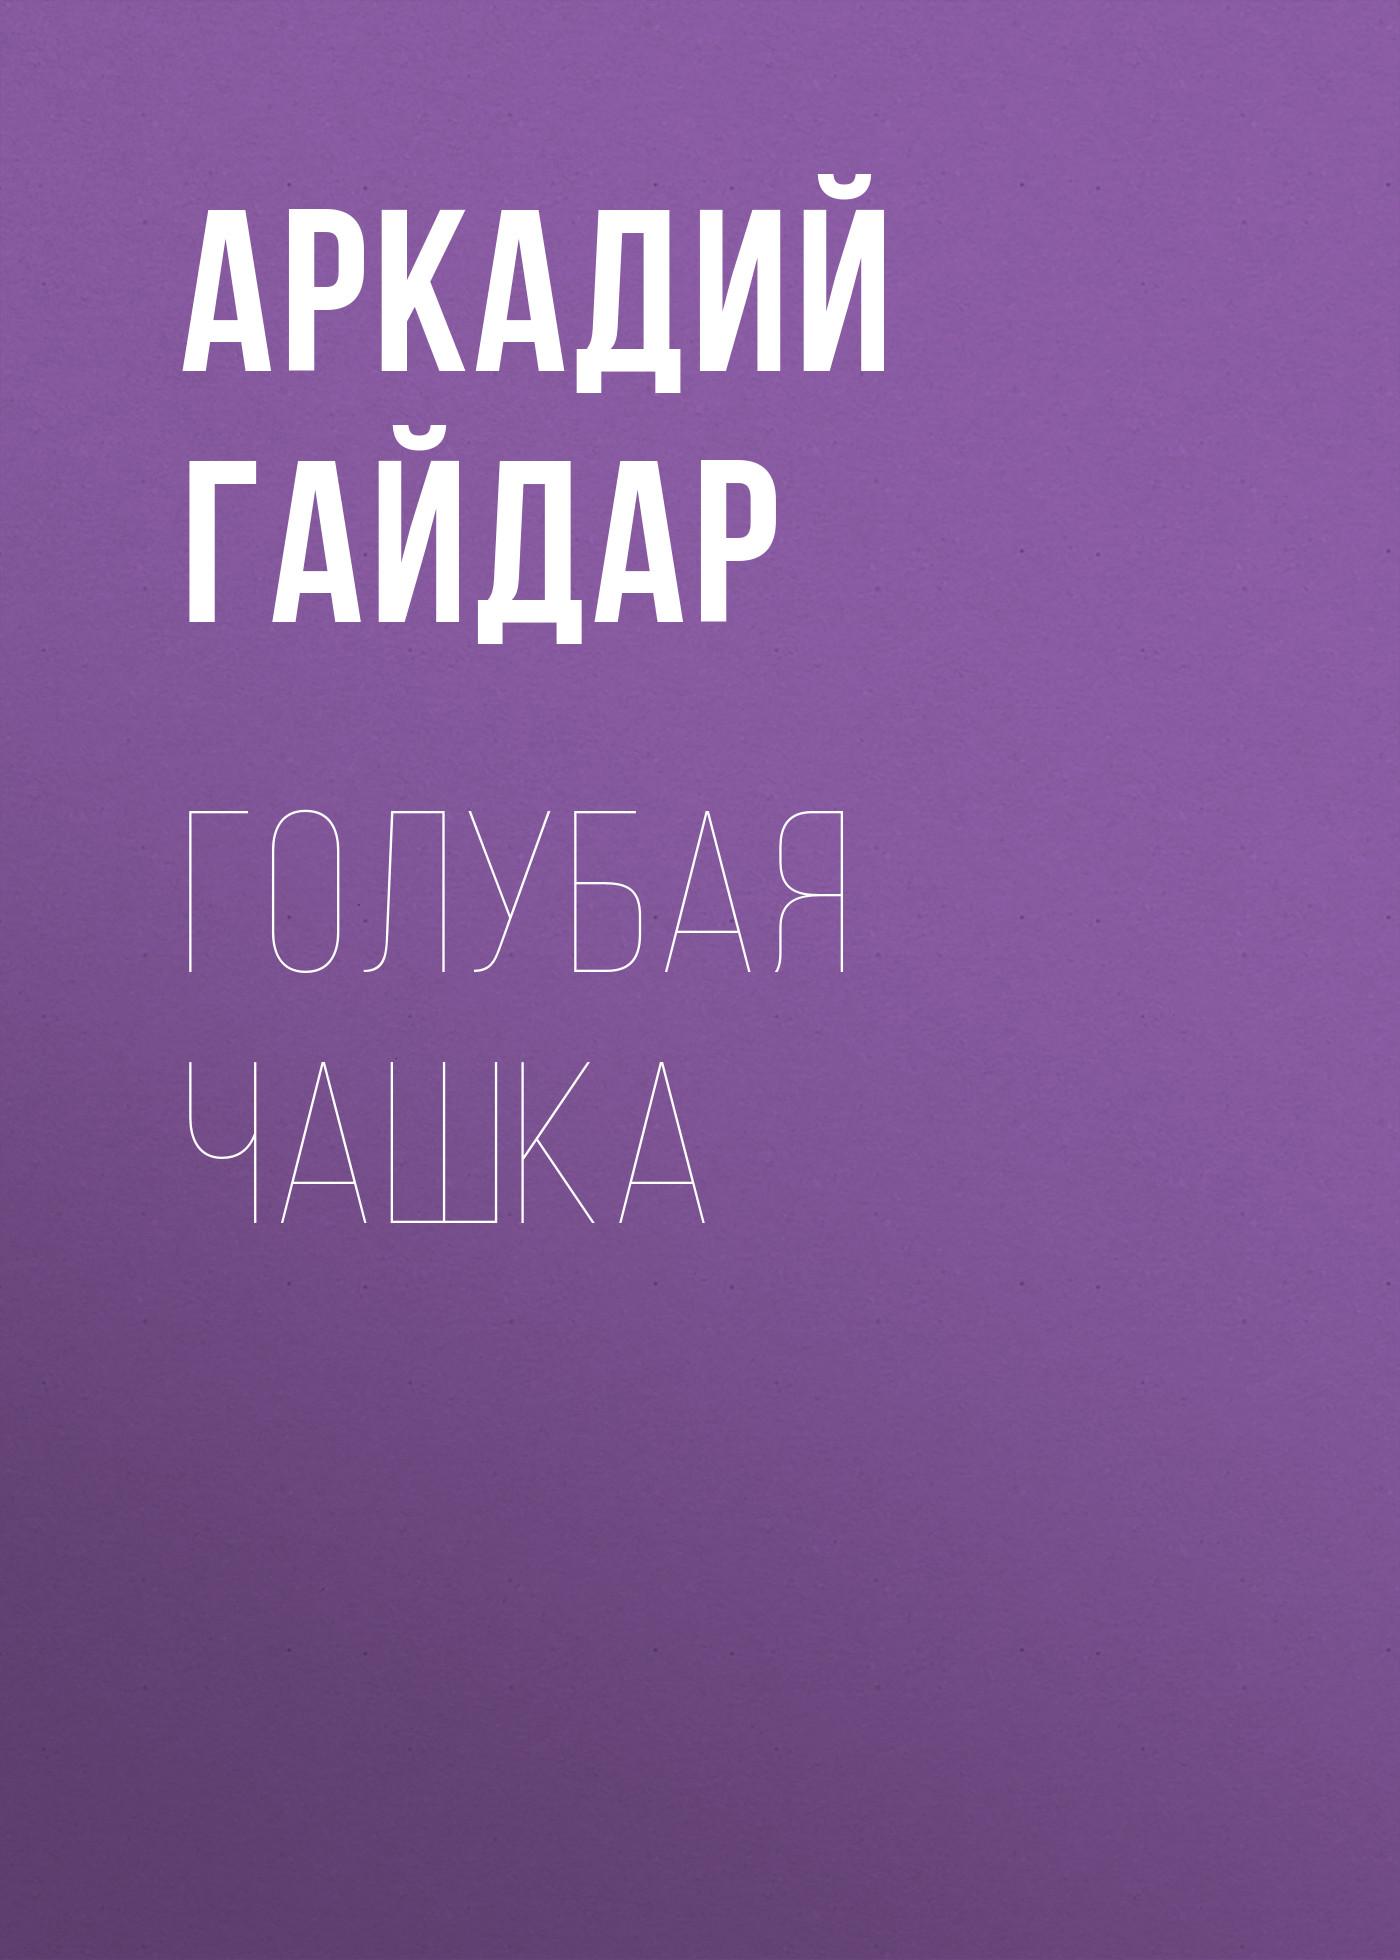 golubaya chashka